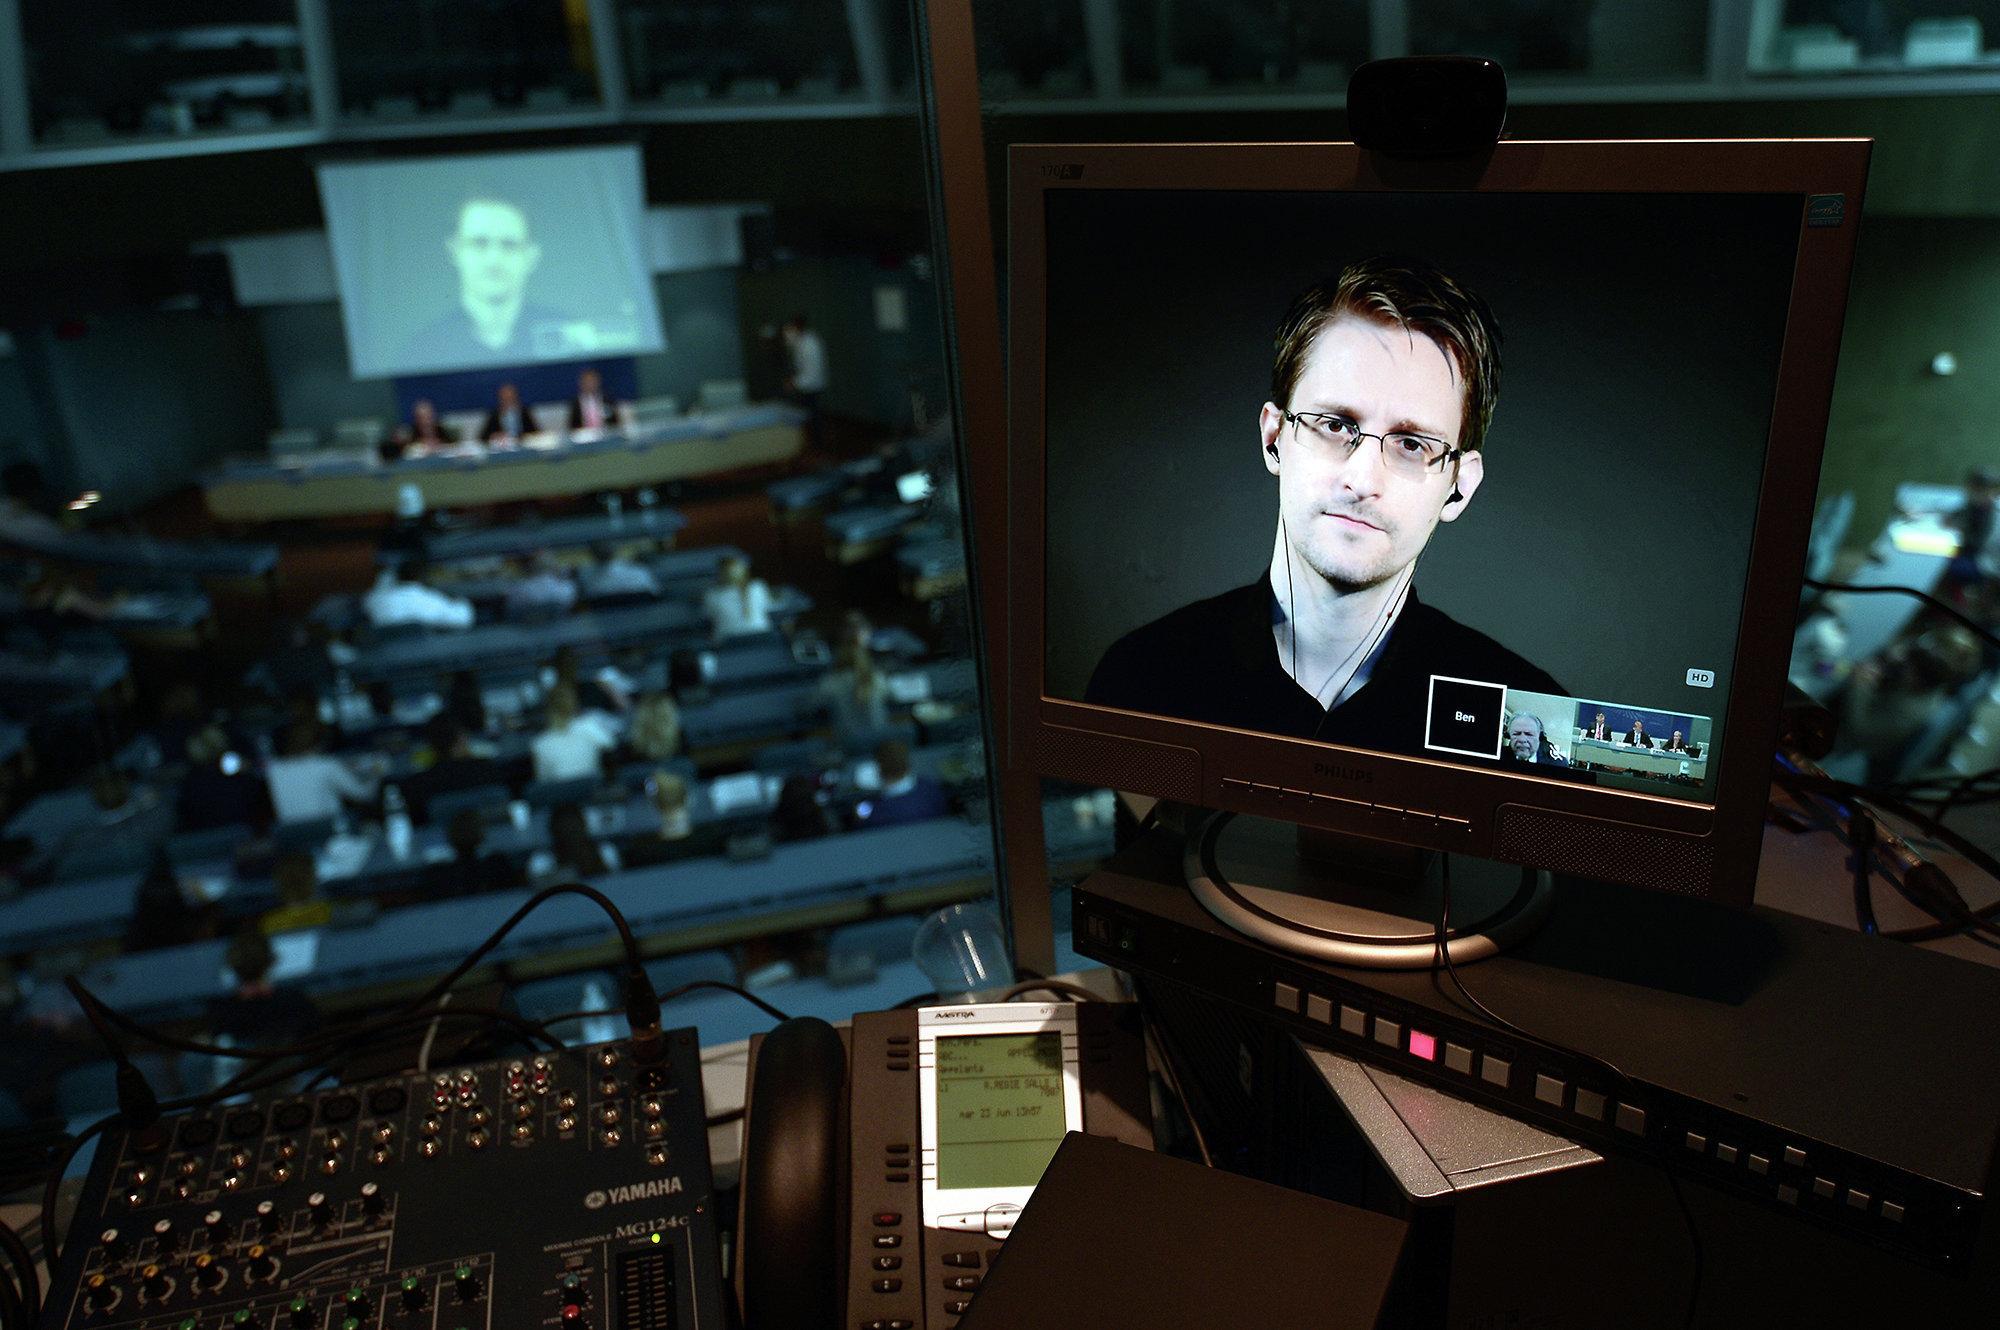 Сноуден: массовая слежка в интернете не действует